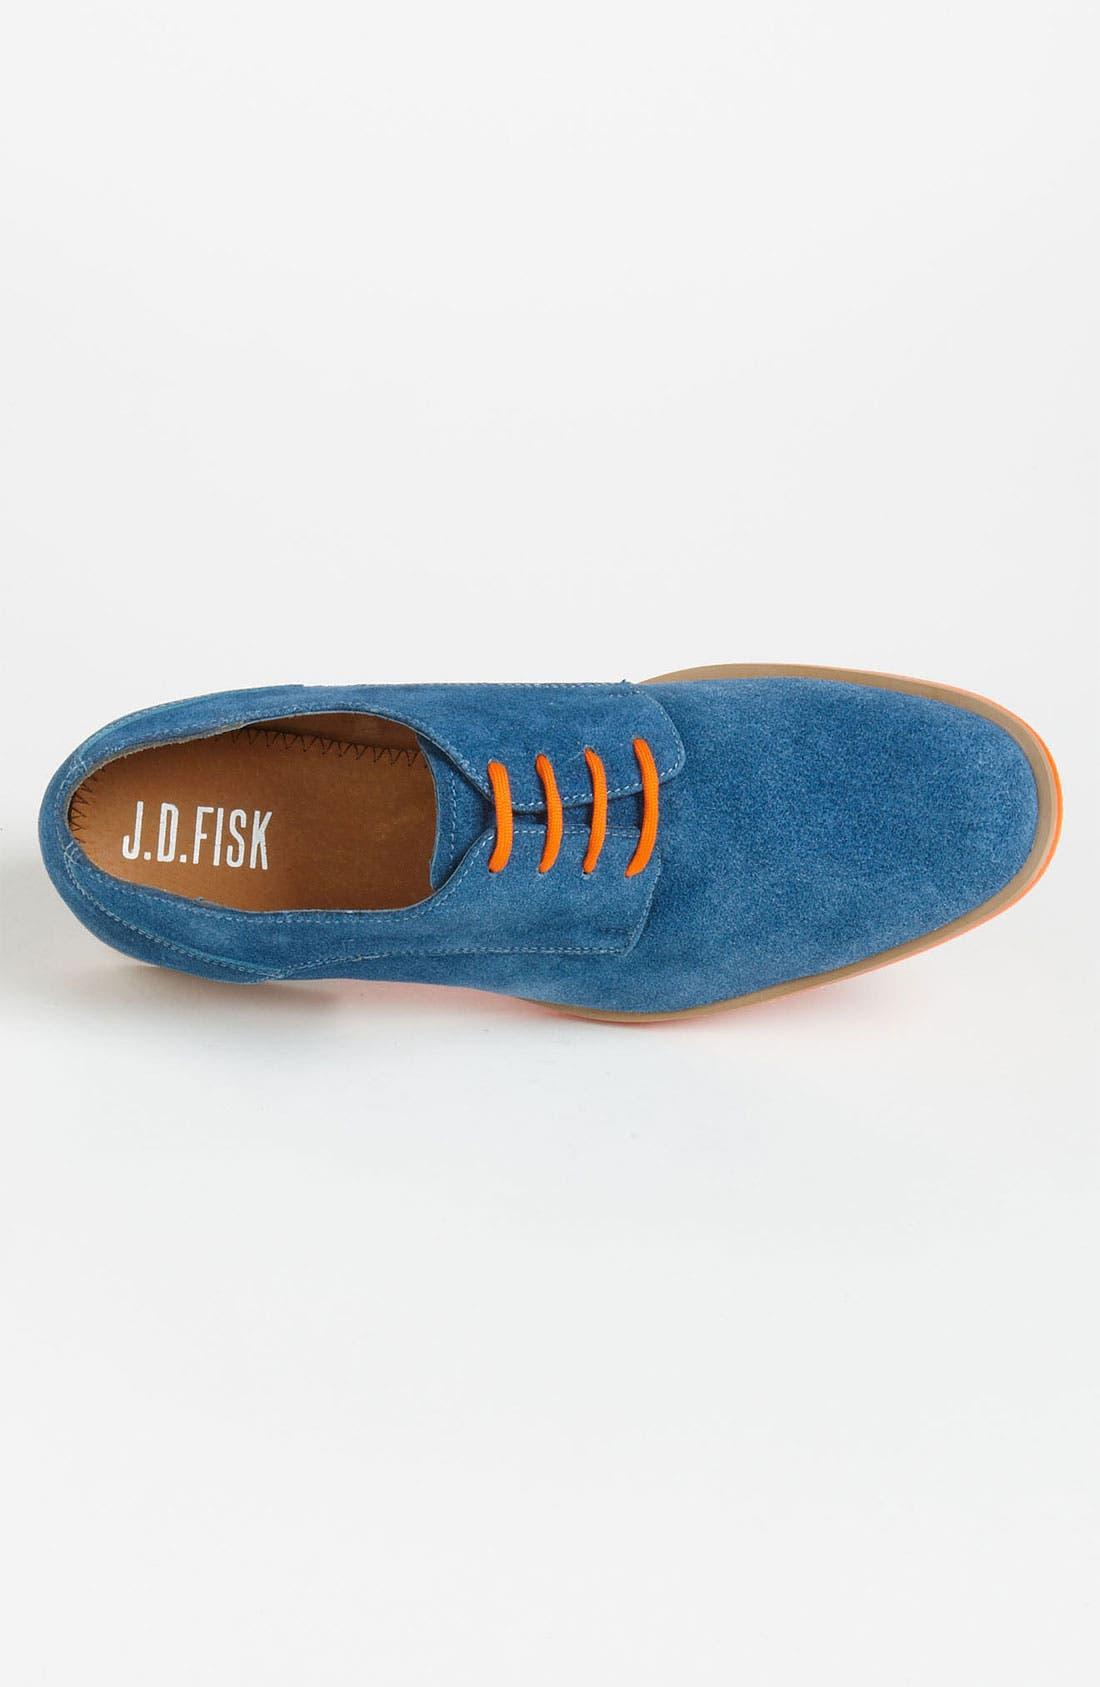 Alternate Image 3  - J.D. Fisk 'Callum' Suede Buck Shoe